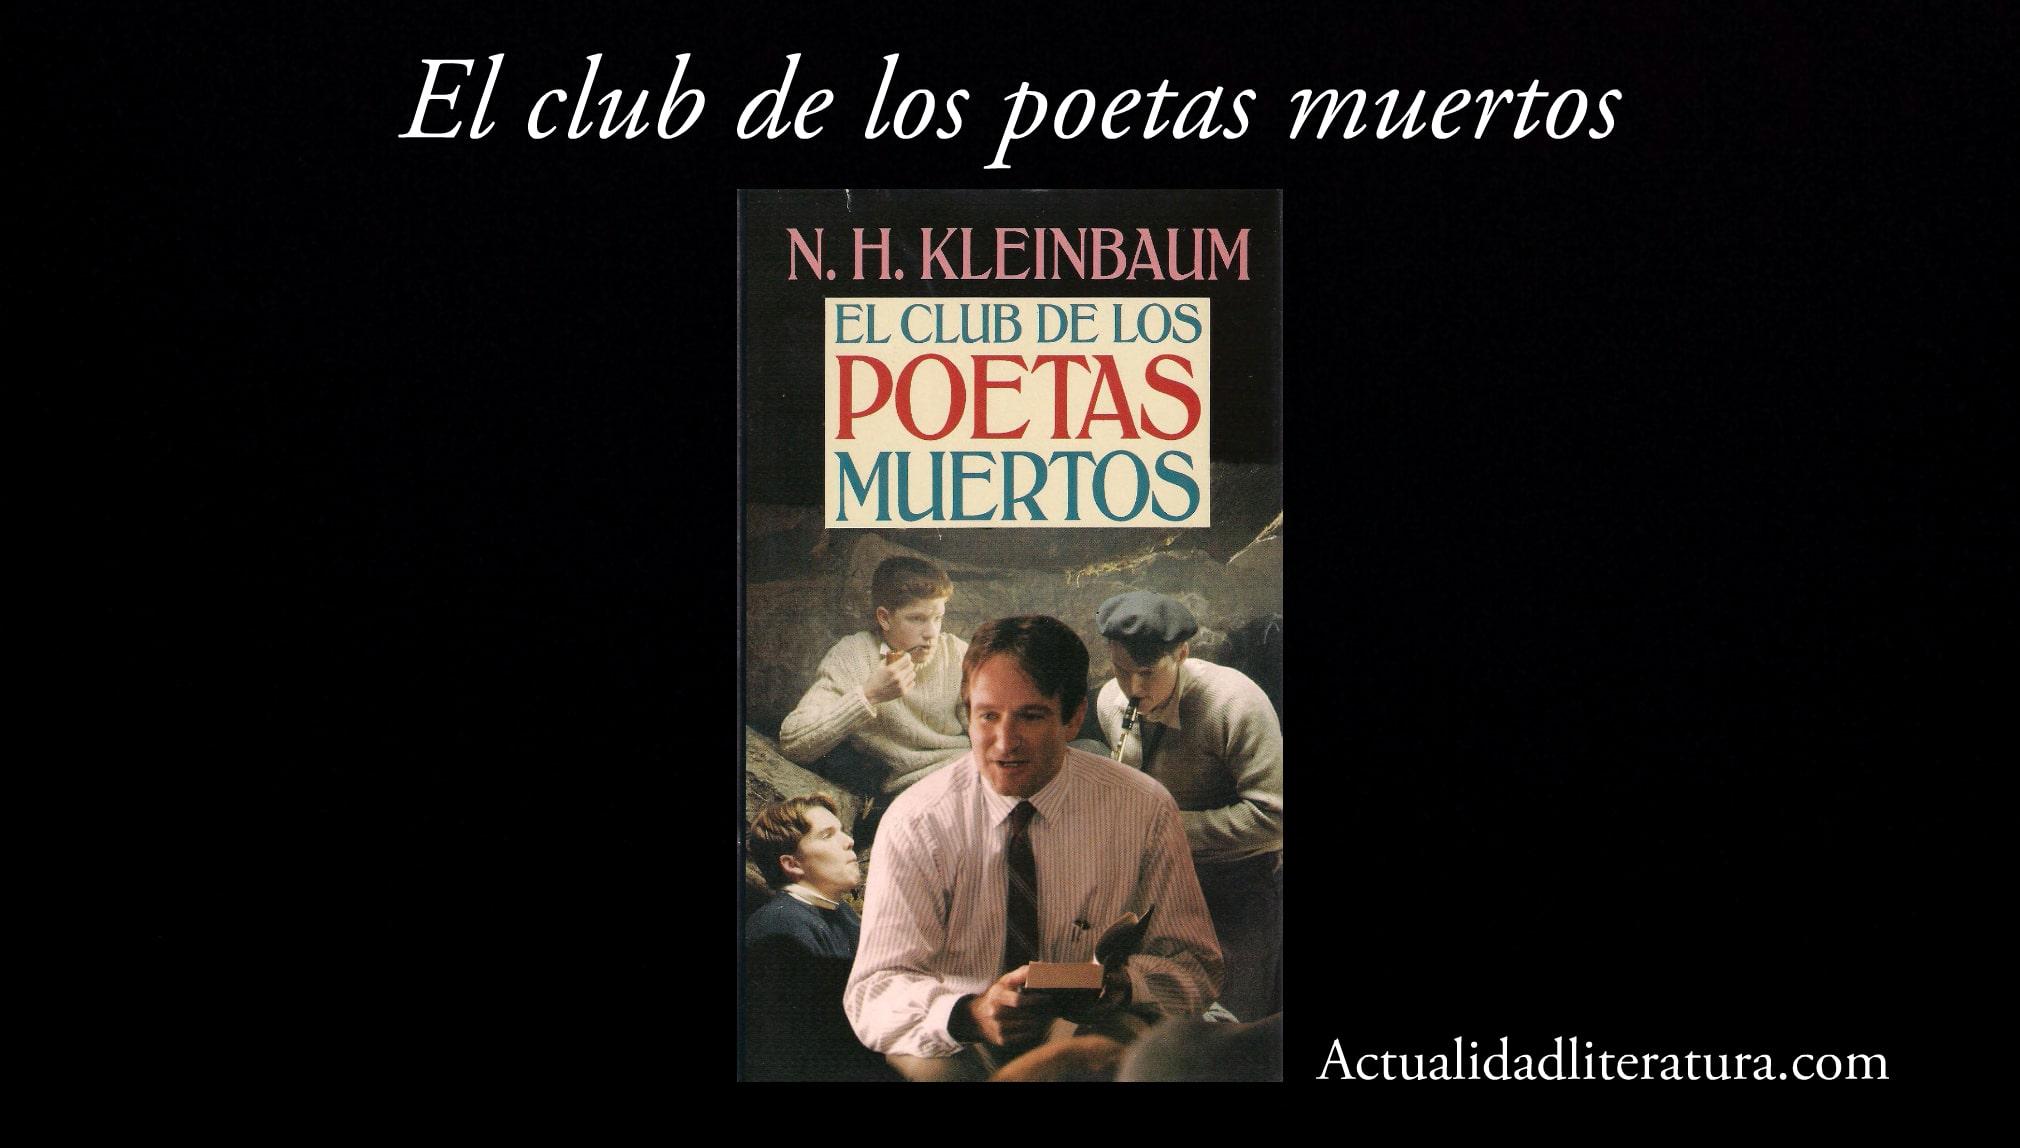 El club de los poetas muertos nombre, en España.